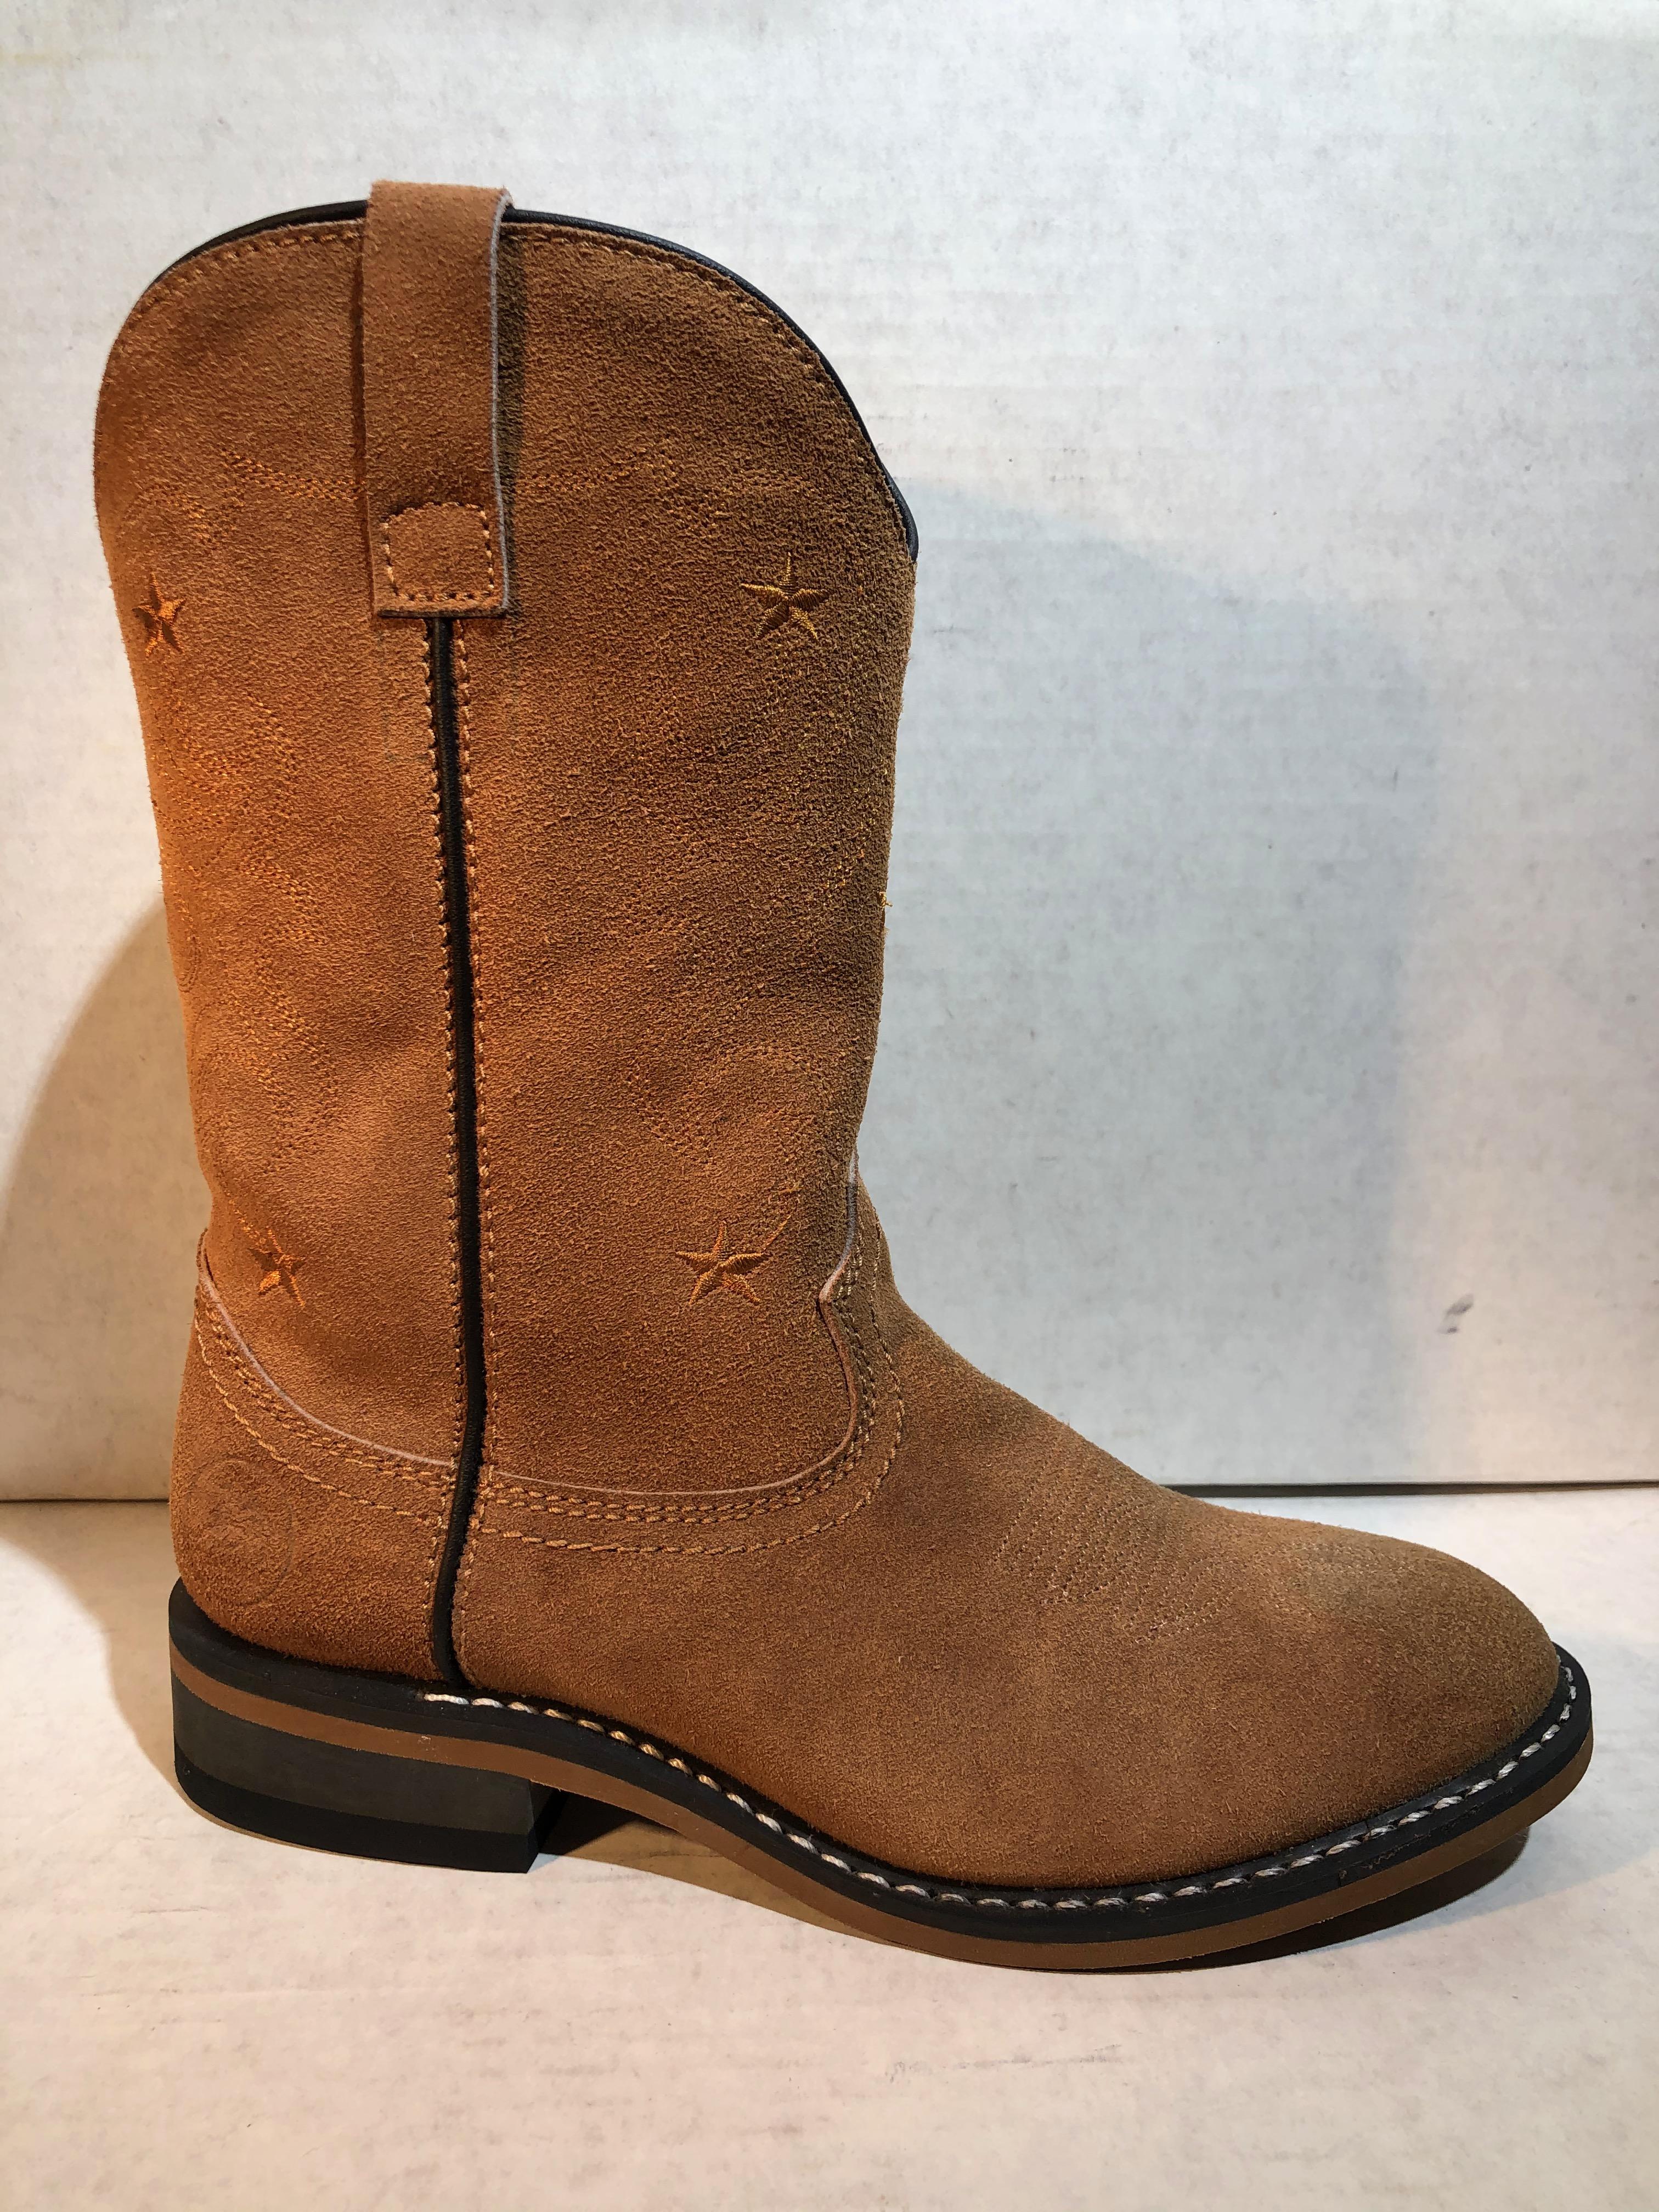 Suede Cowboy Boots (6M